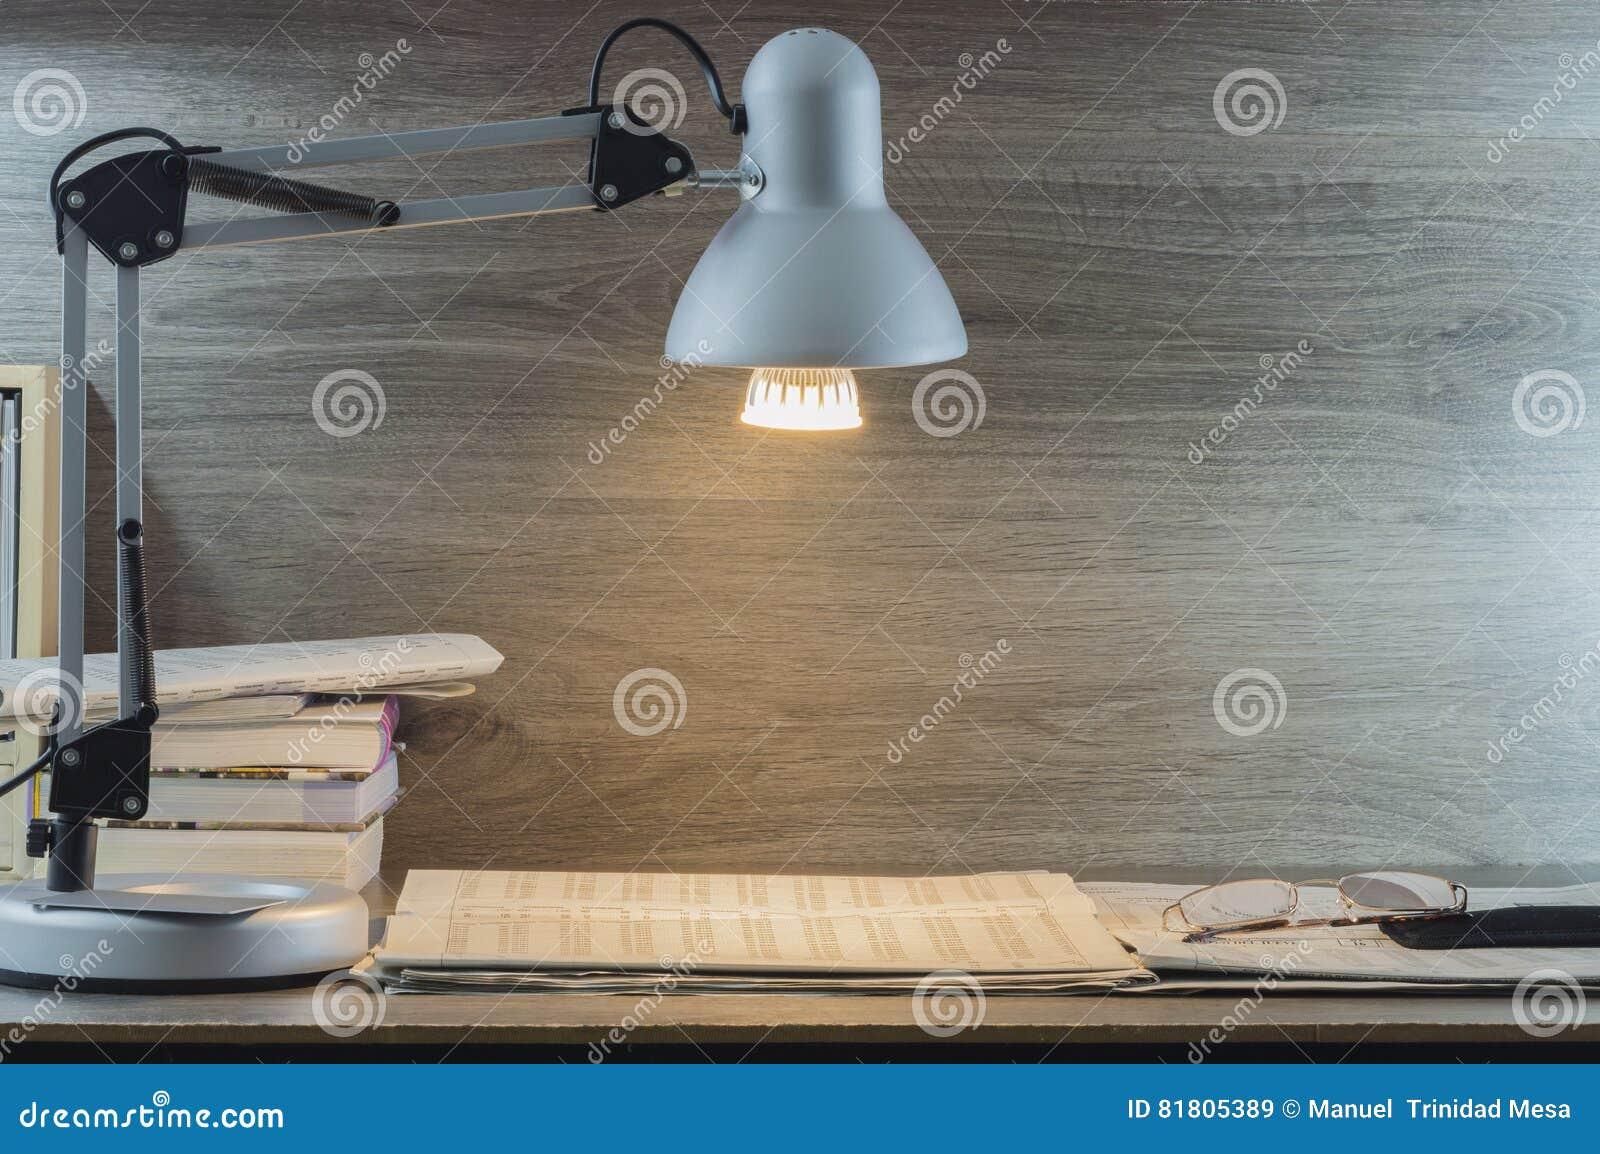 светильник изображения отдела проводки чеков мое другое портфолио подобное